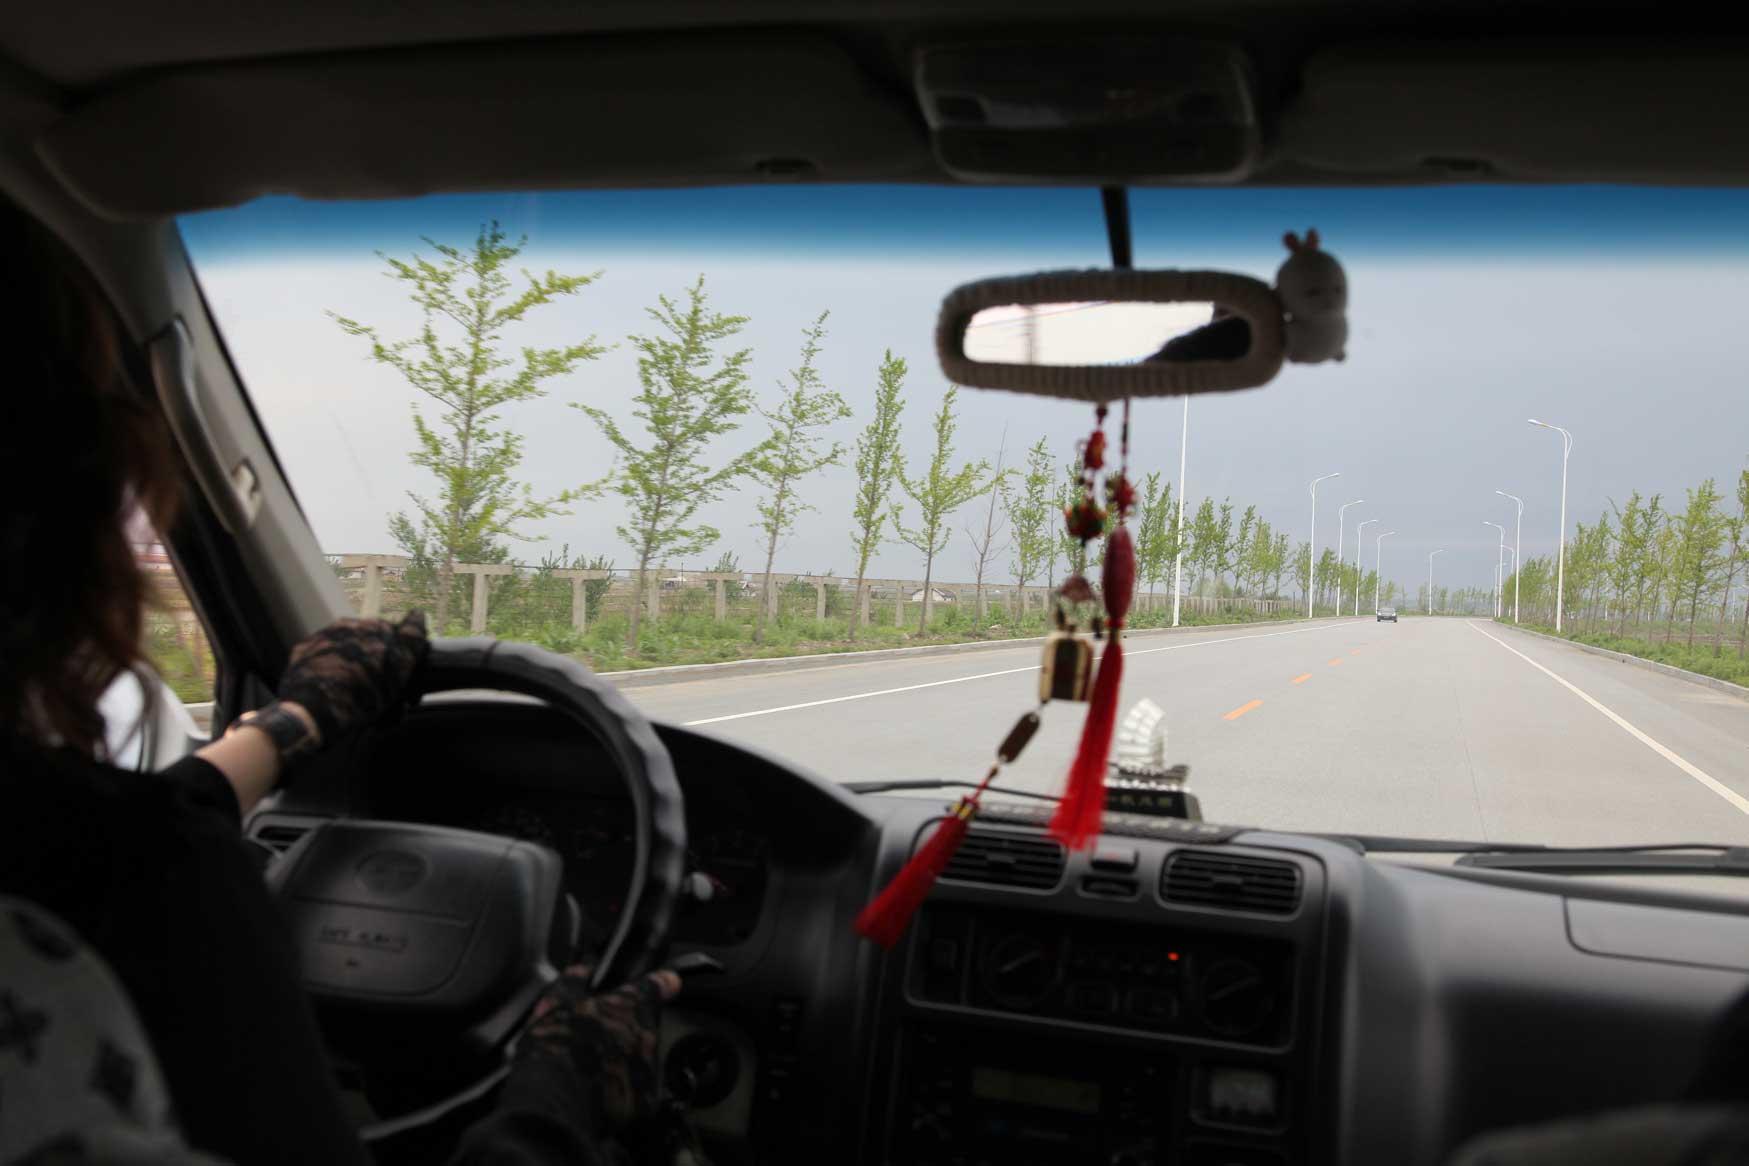 中朝陸の国境では兵士も農民も目と鼻の先(遼寧省丹東市)_b0235153_15555460.jpg